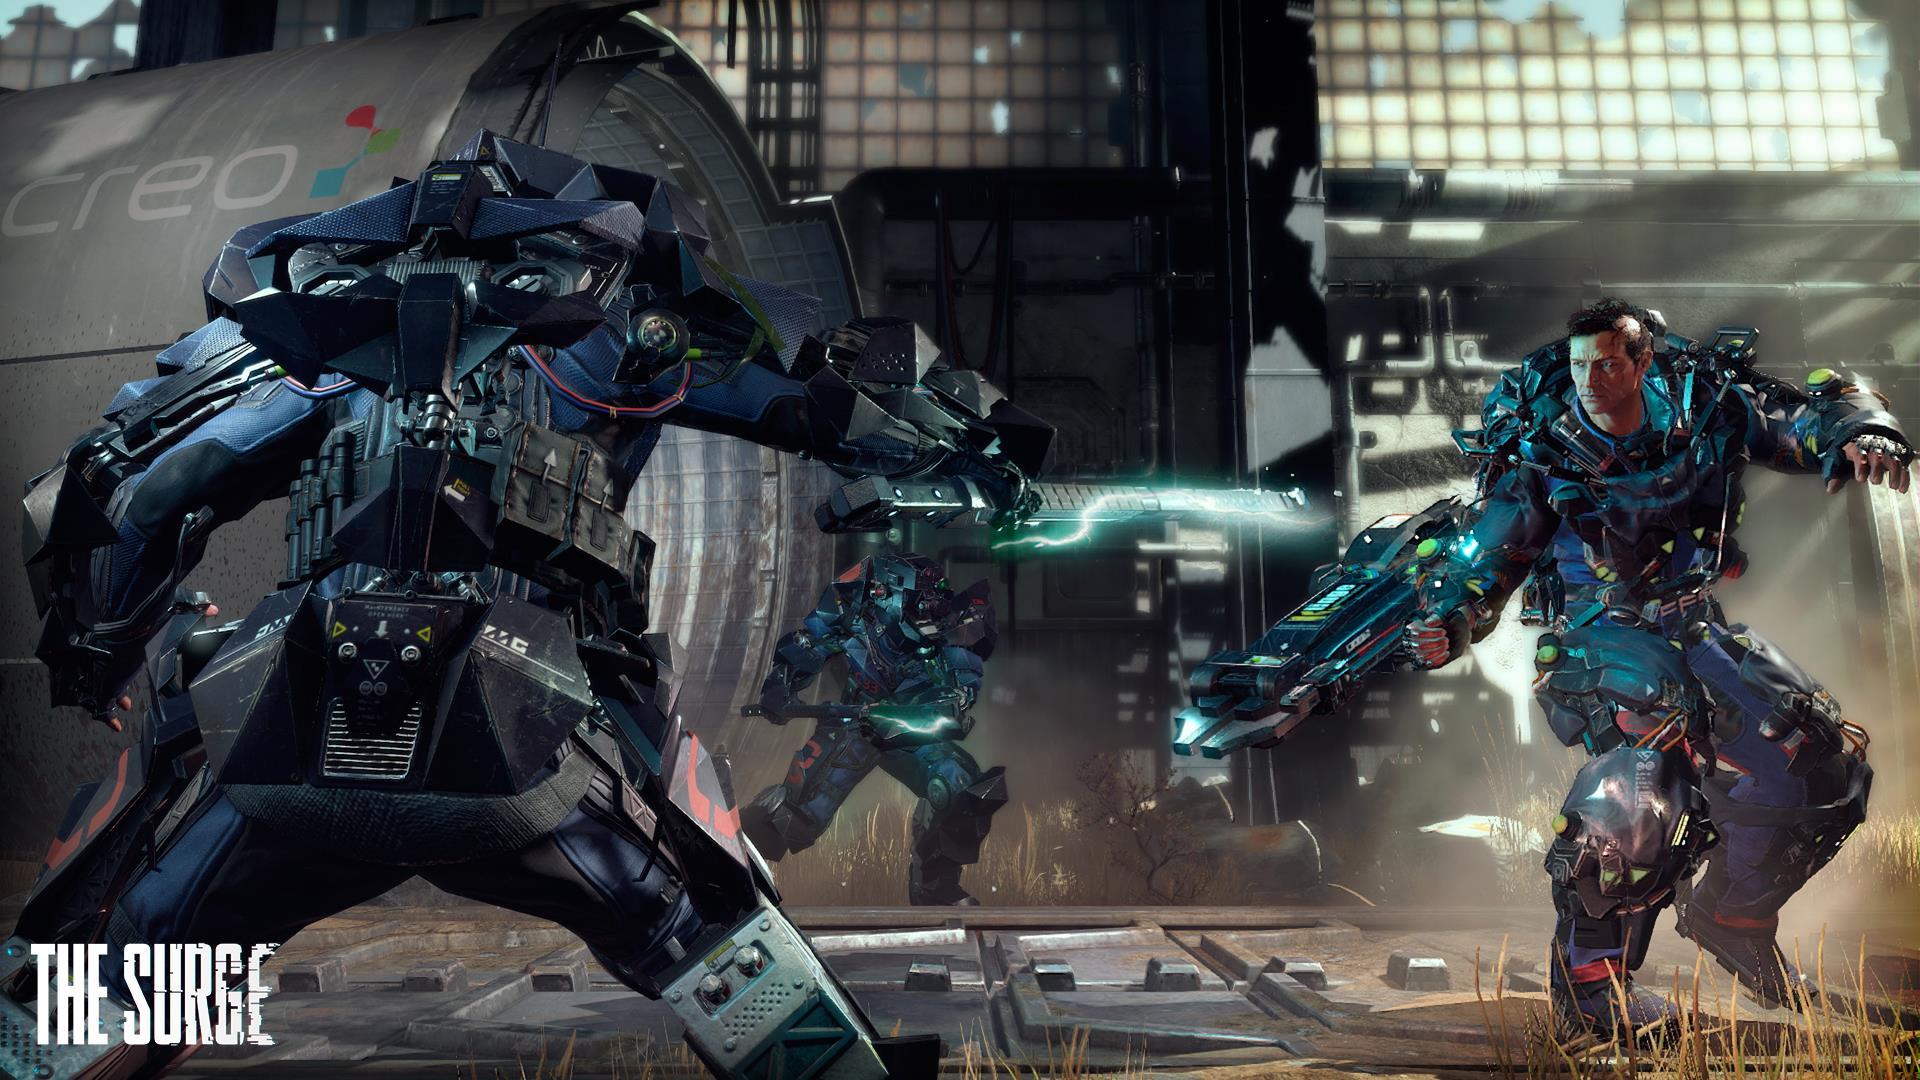 The Surge - E3 2016 - PS4 - Xbox One - PC